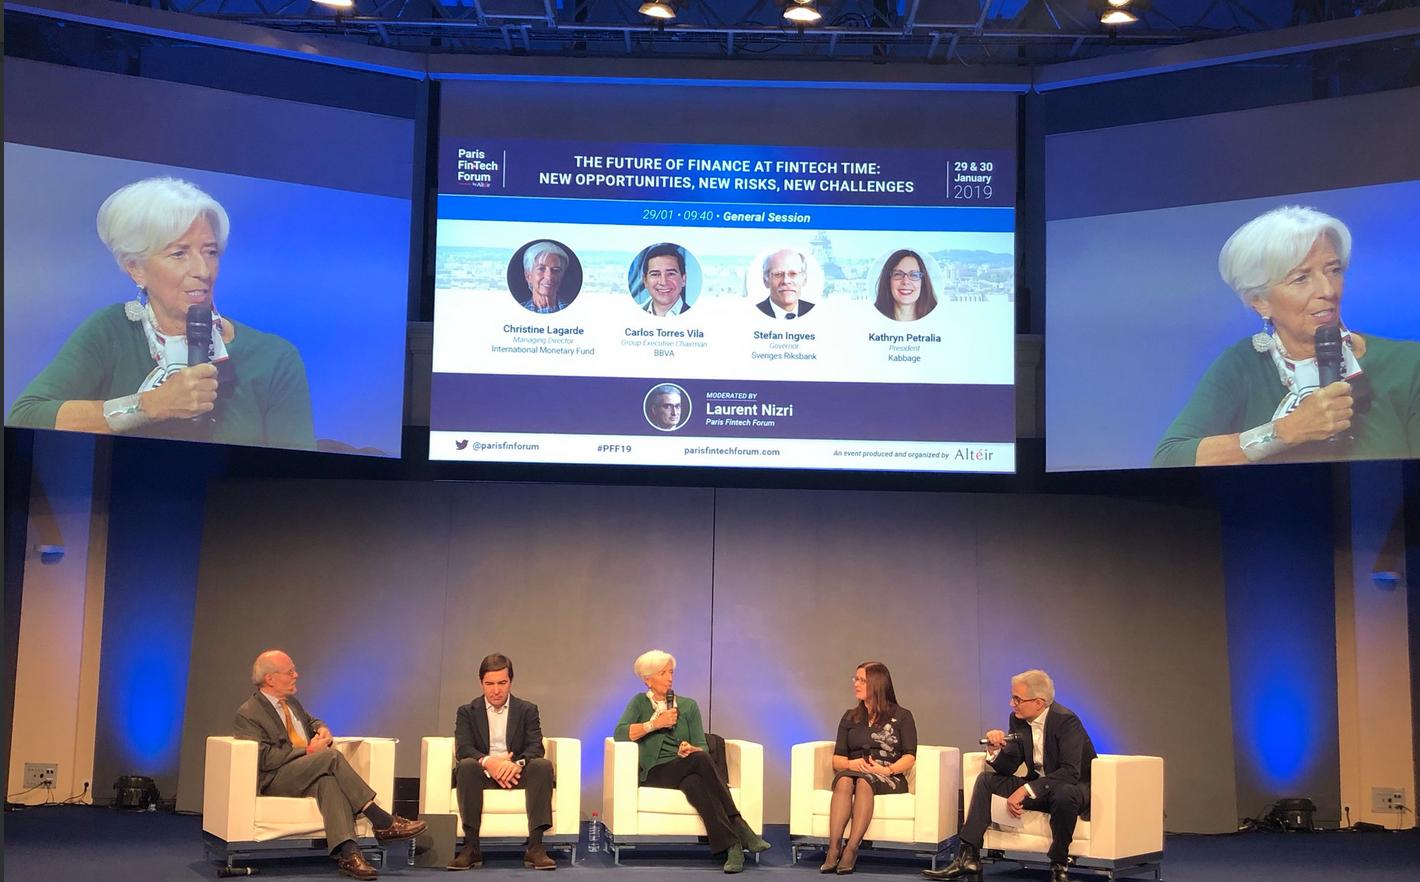 Pour Lagarde, les Fintech peuvent rendre le monde meilleur par l'inclusion bancaire